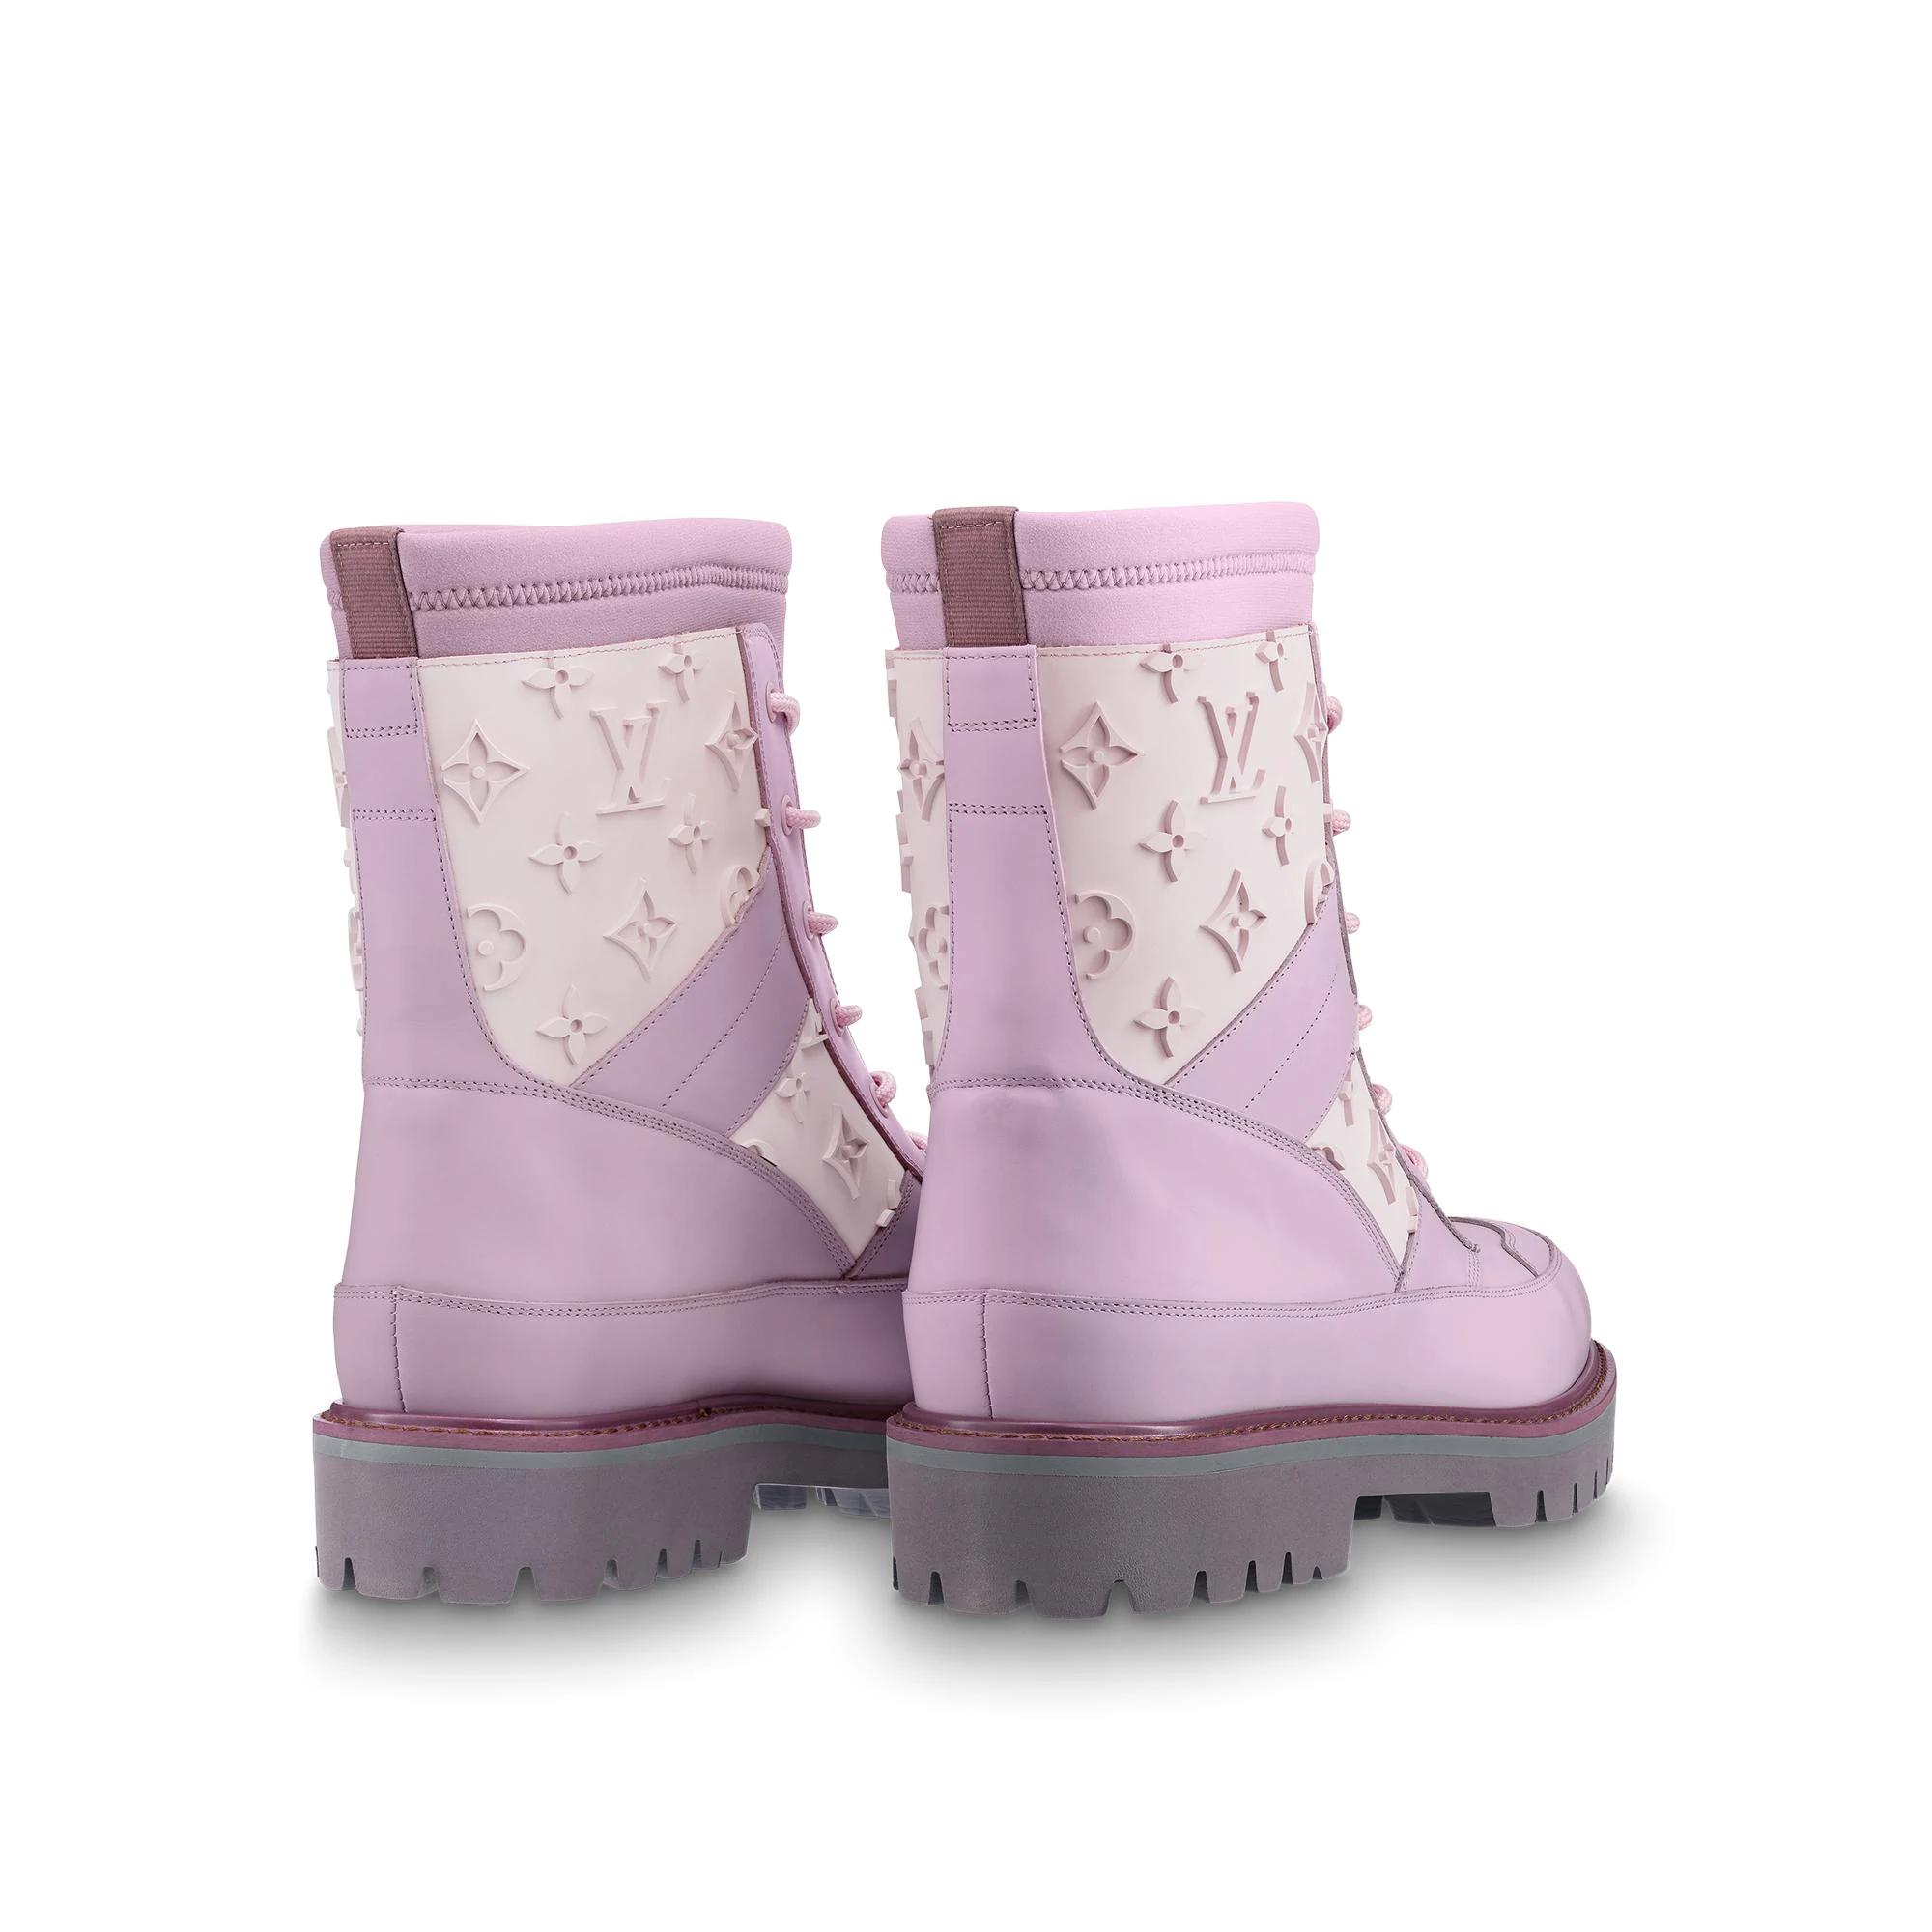 유럽직배송 루이비통 LOUIS VUITTON Landscape Ankle Boots 1A7P9R